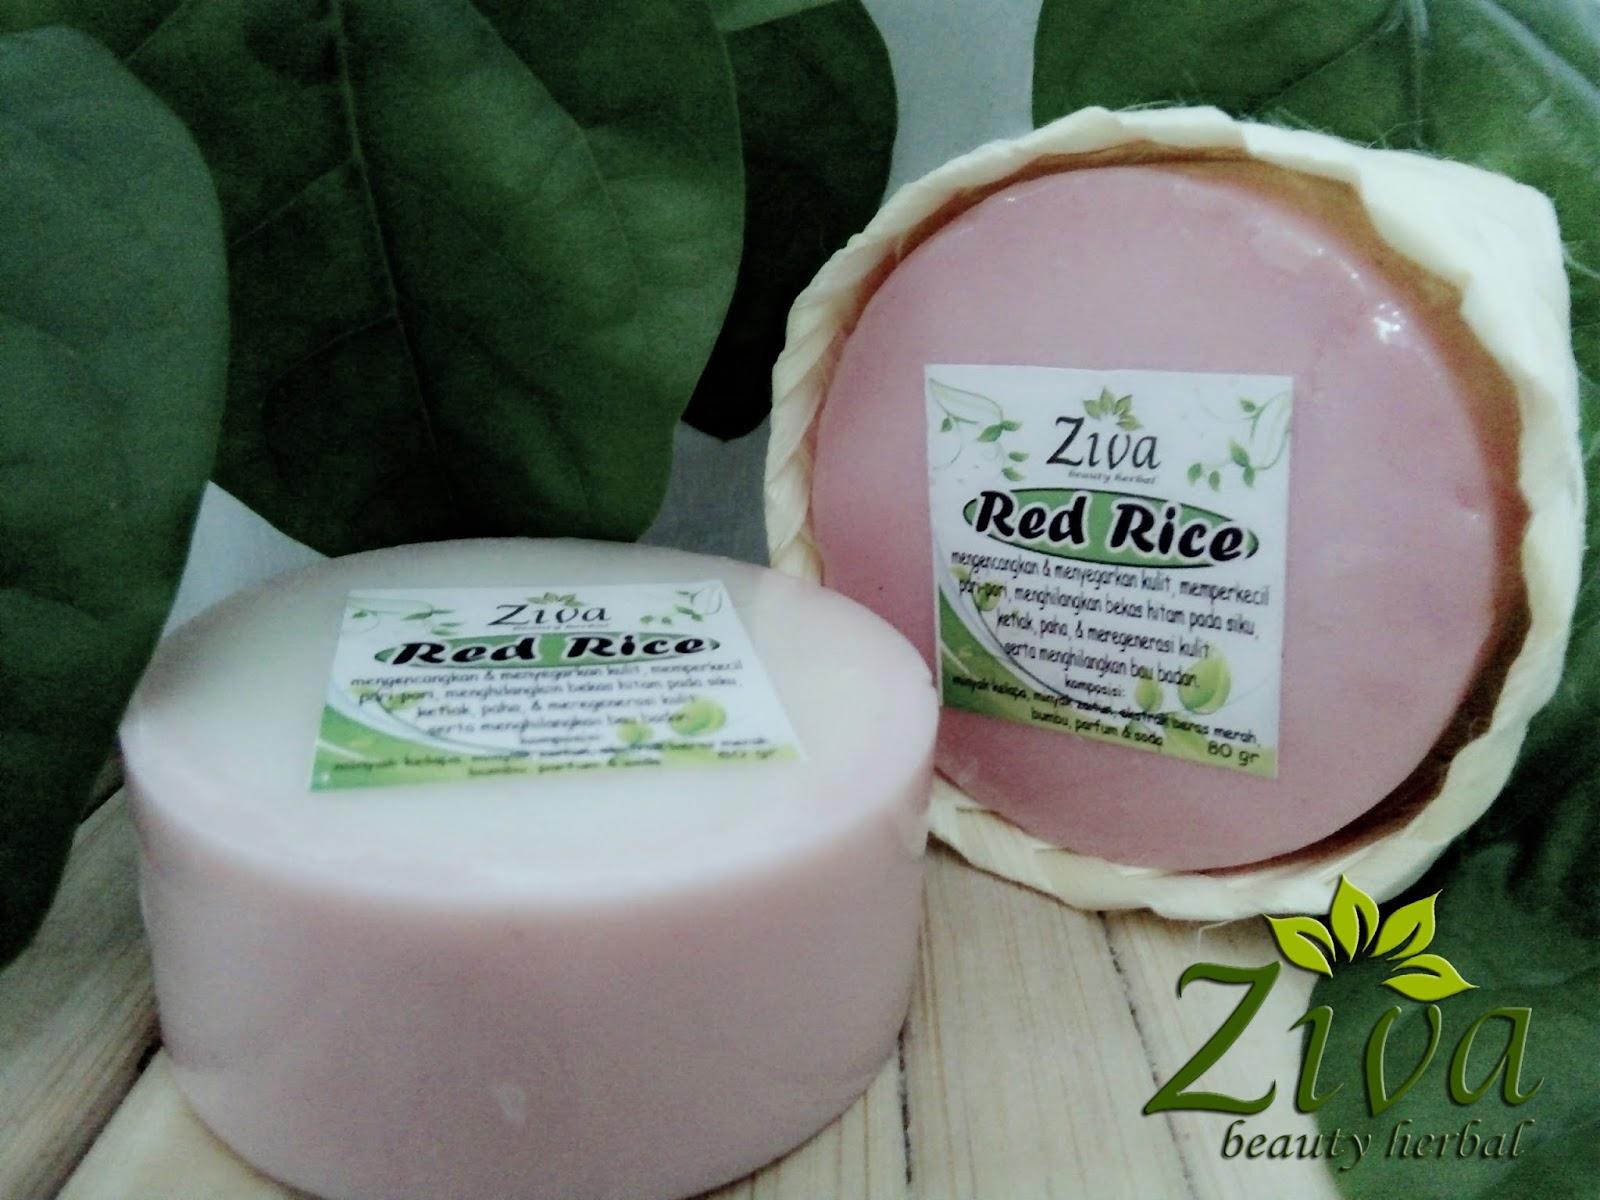 Harga Jual Sabun Sereh Plus Ekstrak Minyak Zaitun Penghilang Jerawat Kecantikan Herbal Tashiru Beras Ziva Merah Pengencang Kulit Dan Flek Hitam Hanya Rp 4000 Saja Sangat